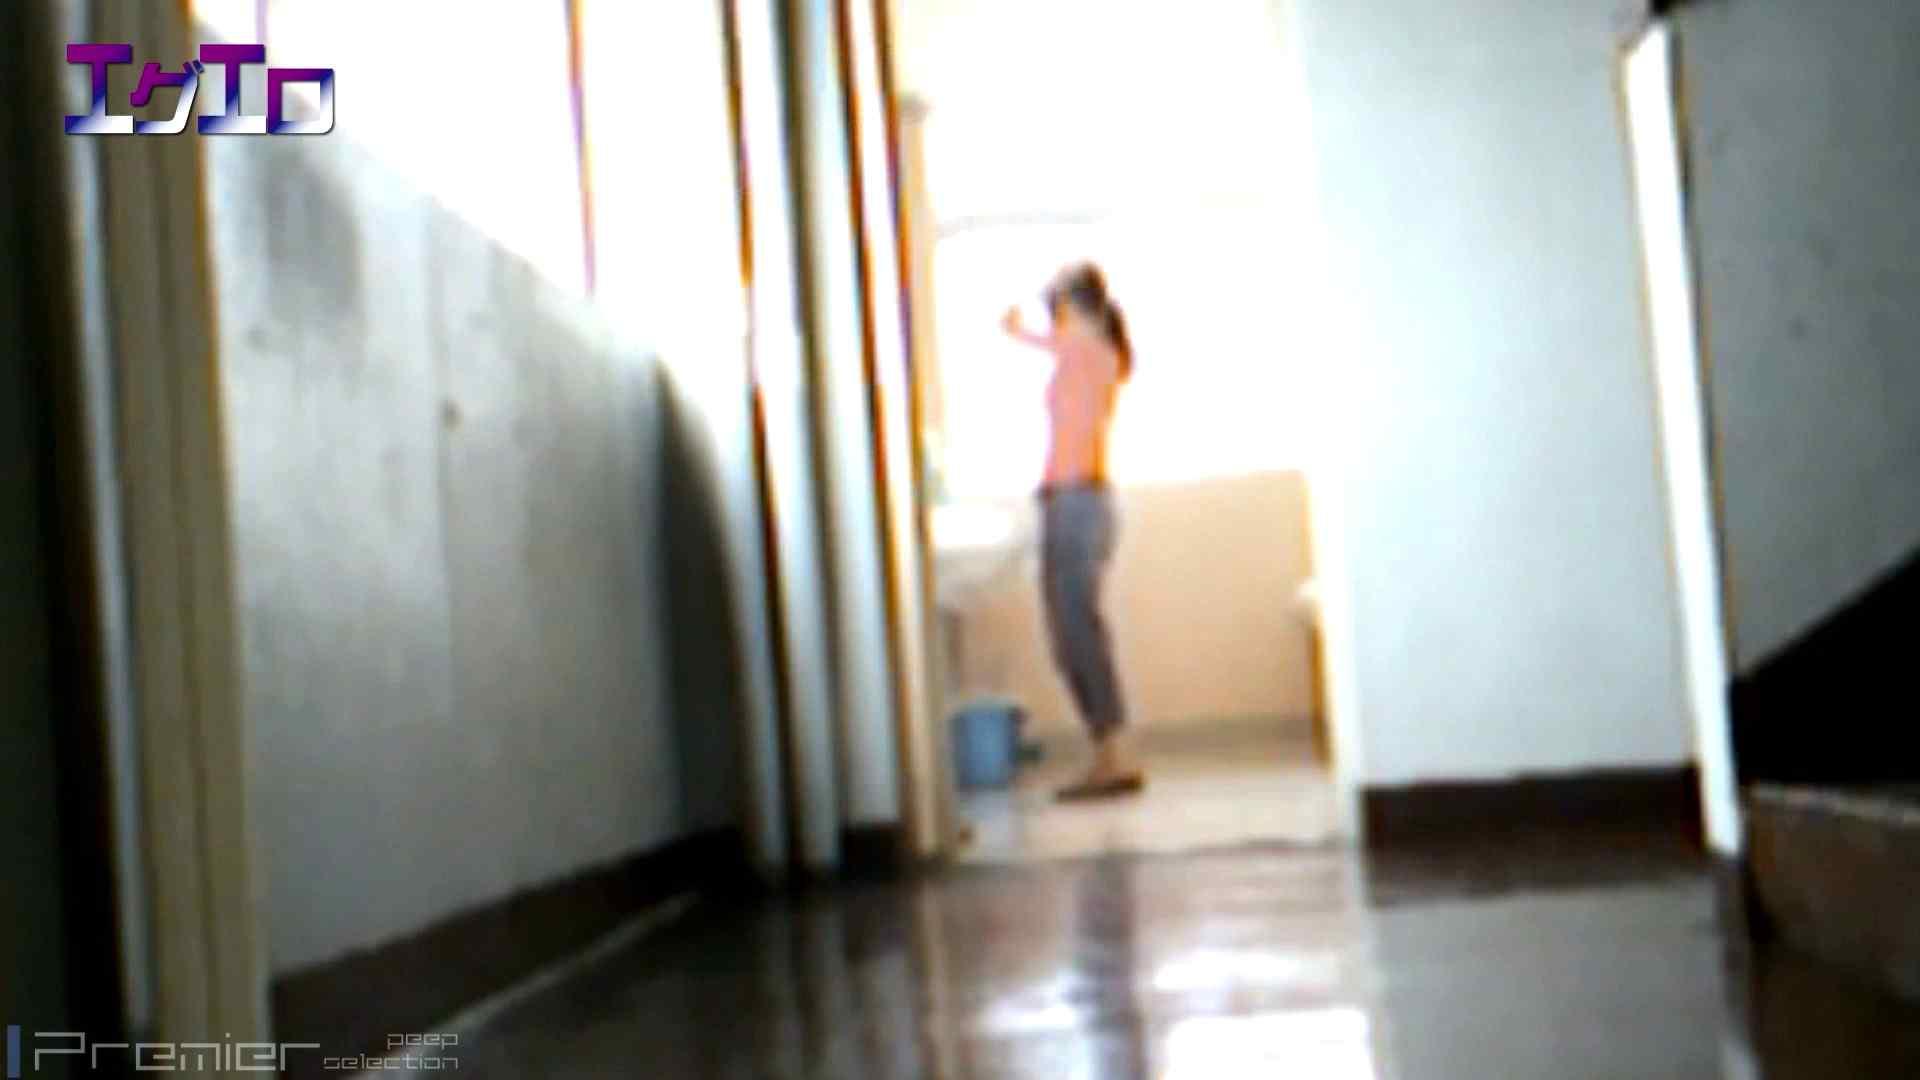 至近距離洗面所 Vol.09夏ギャルキタ~和式トイレ放nyoショー トイレの実態  80PIX 75